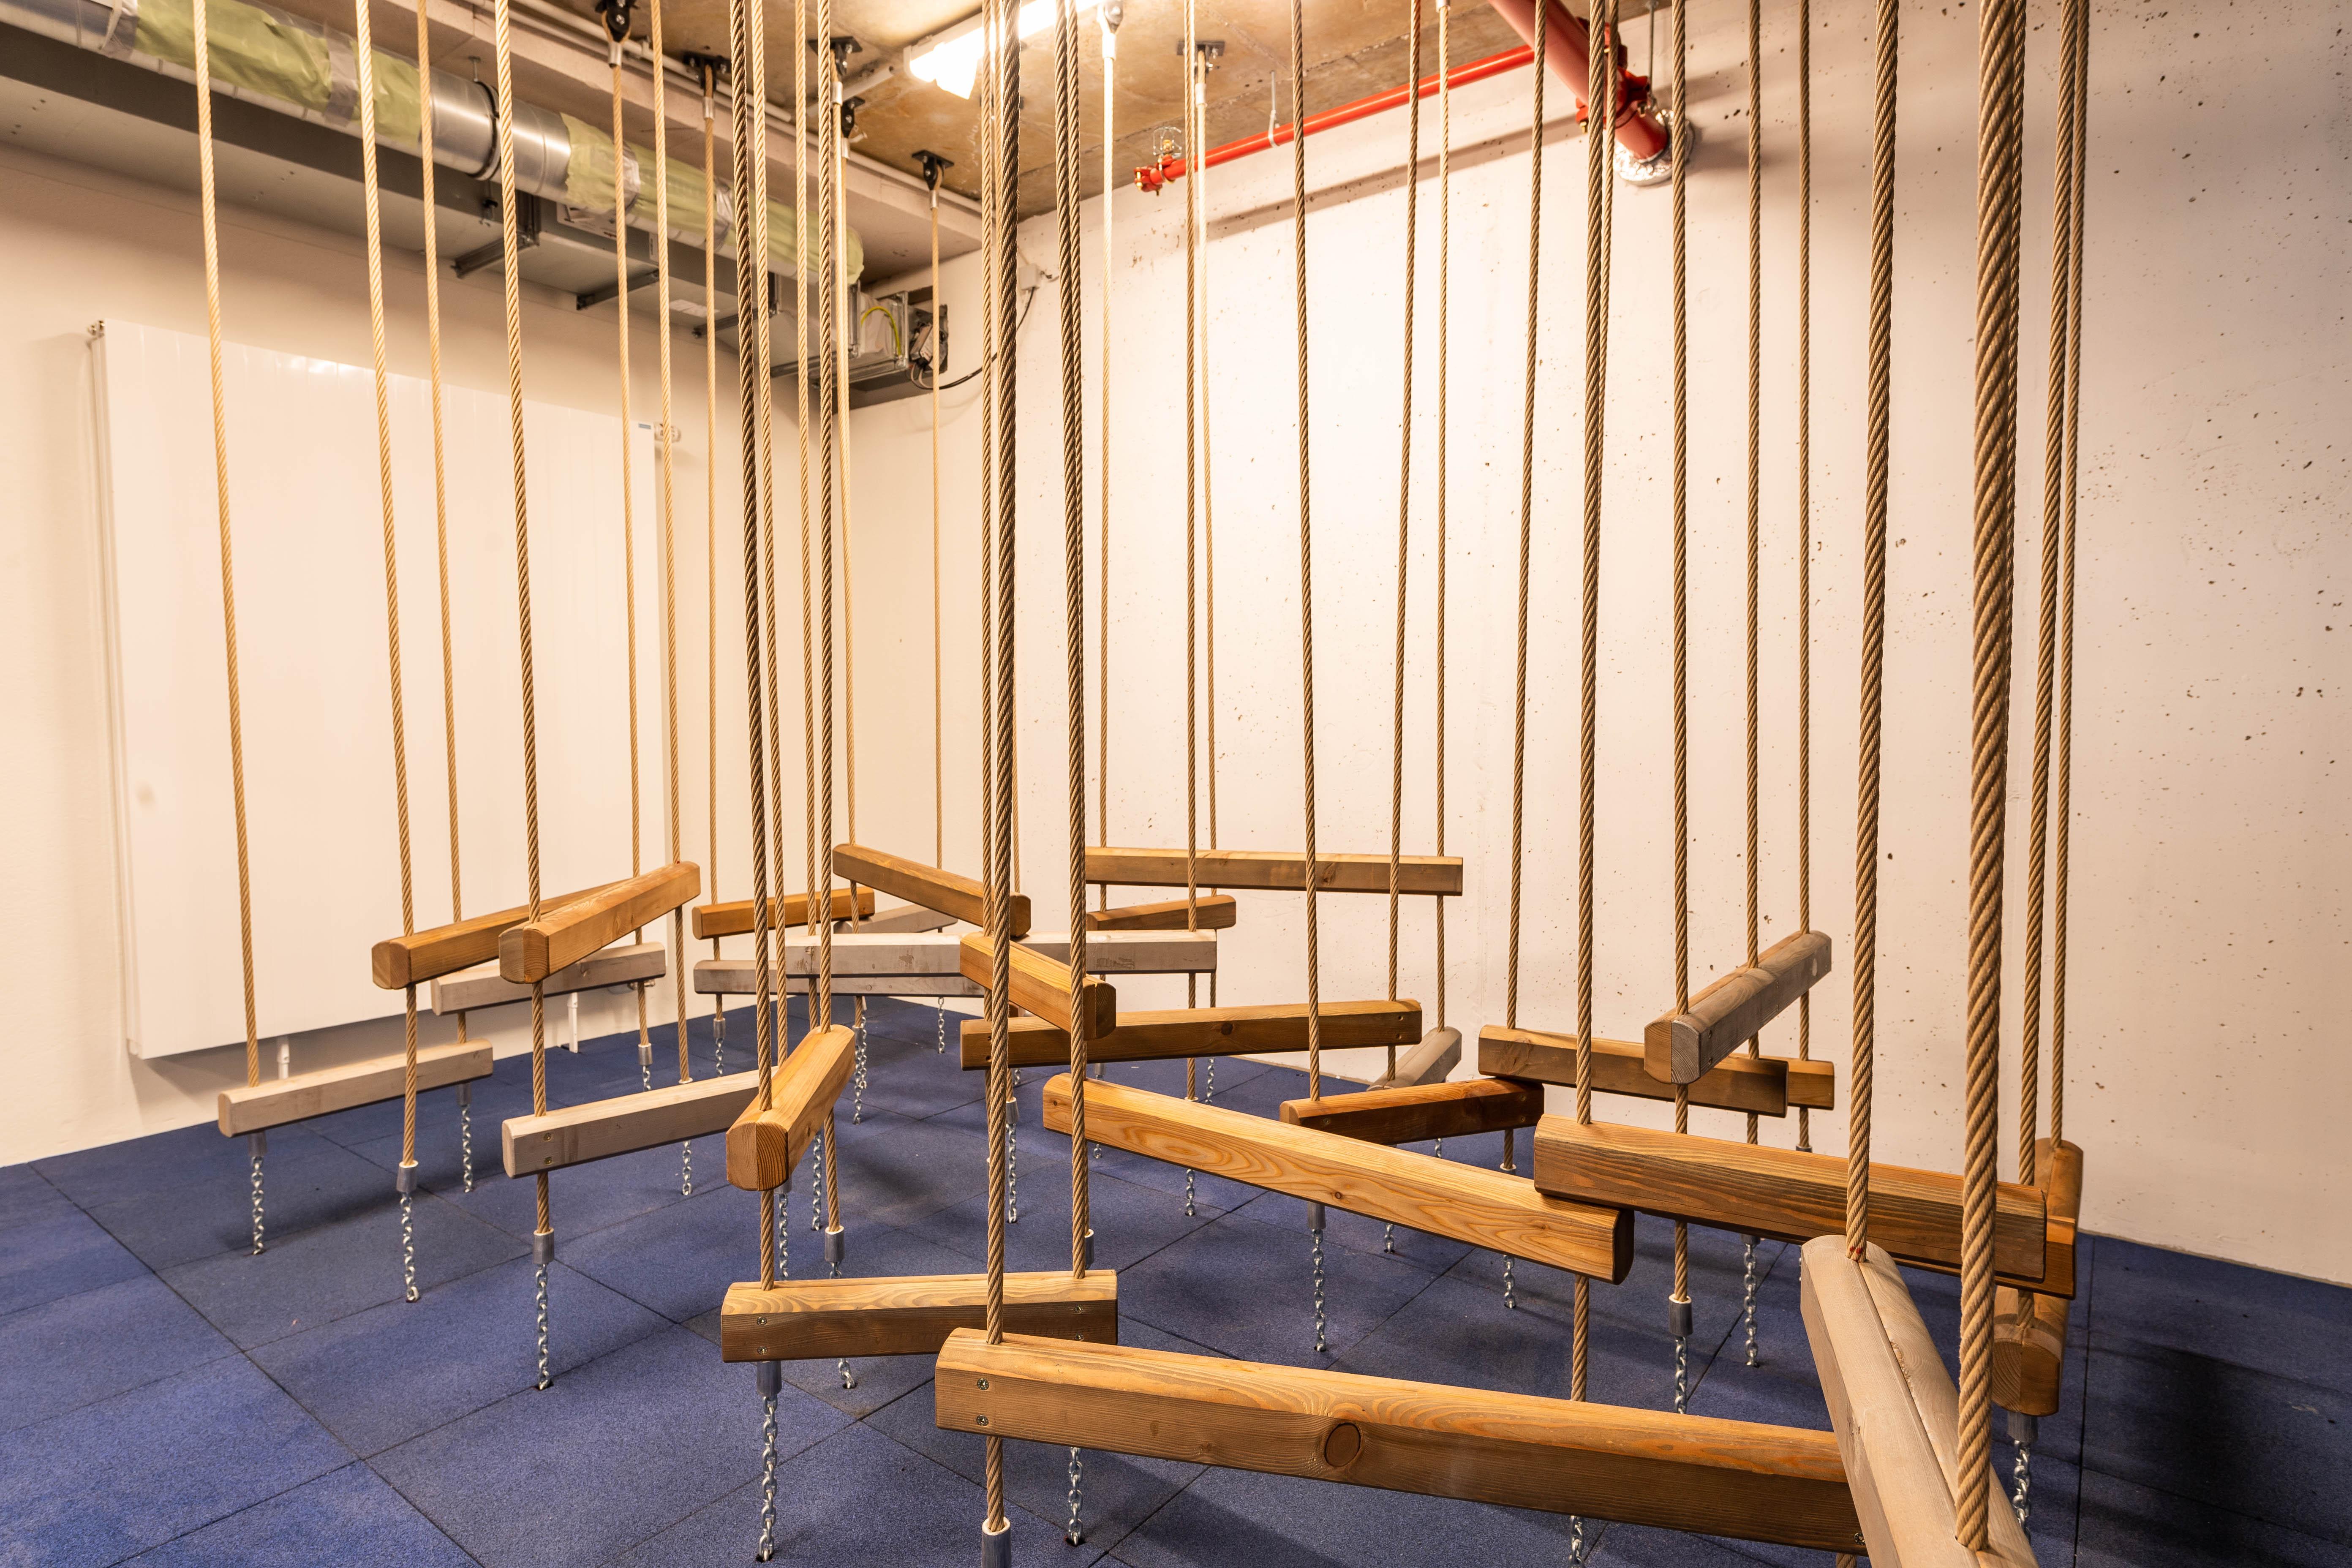 Sie sehen den Adventure-Bereich mit einem Holzparcours im JUFA Hotel Hamburg HafenCity. Der Ort für erlebnisreichen Städtetrip für die ganze Familie und der ideale Platz für Ihr Seminar.